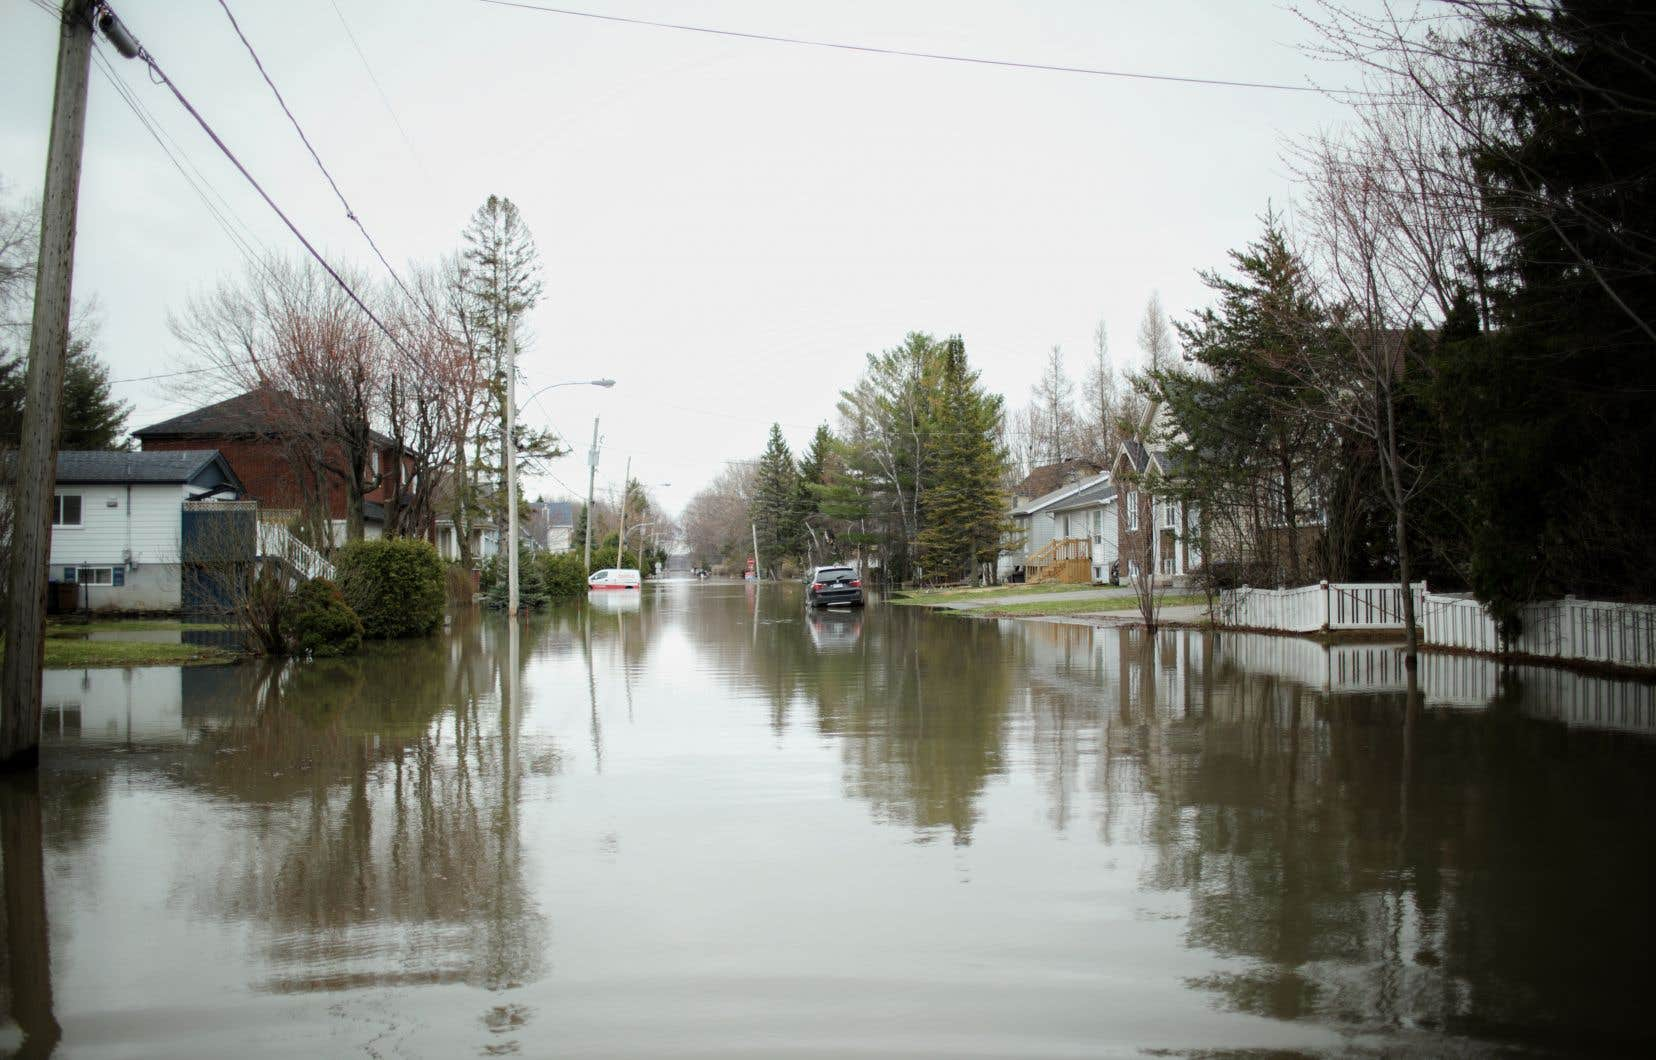 Dans son bilan, la Sécurité publique estime à 2000 le nombre de maisons inondées et à 5000 le nombre de personnes évacuées à Sainte-Marthe-sur-le-Lac.